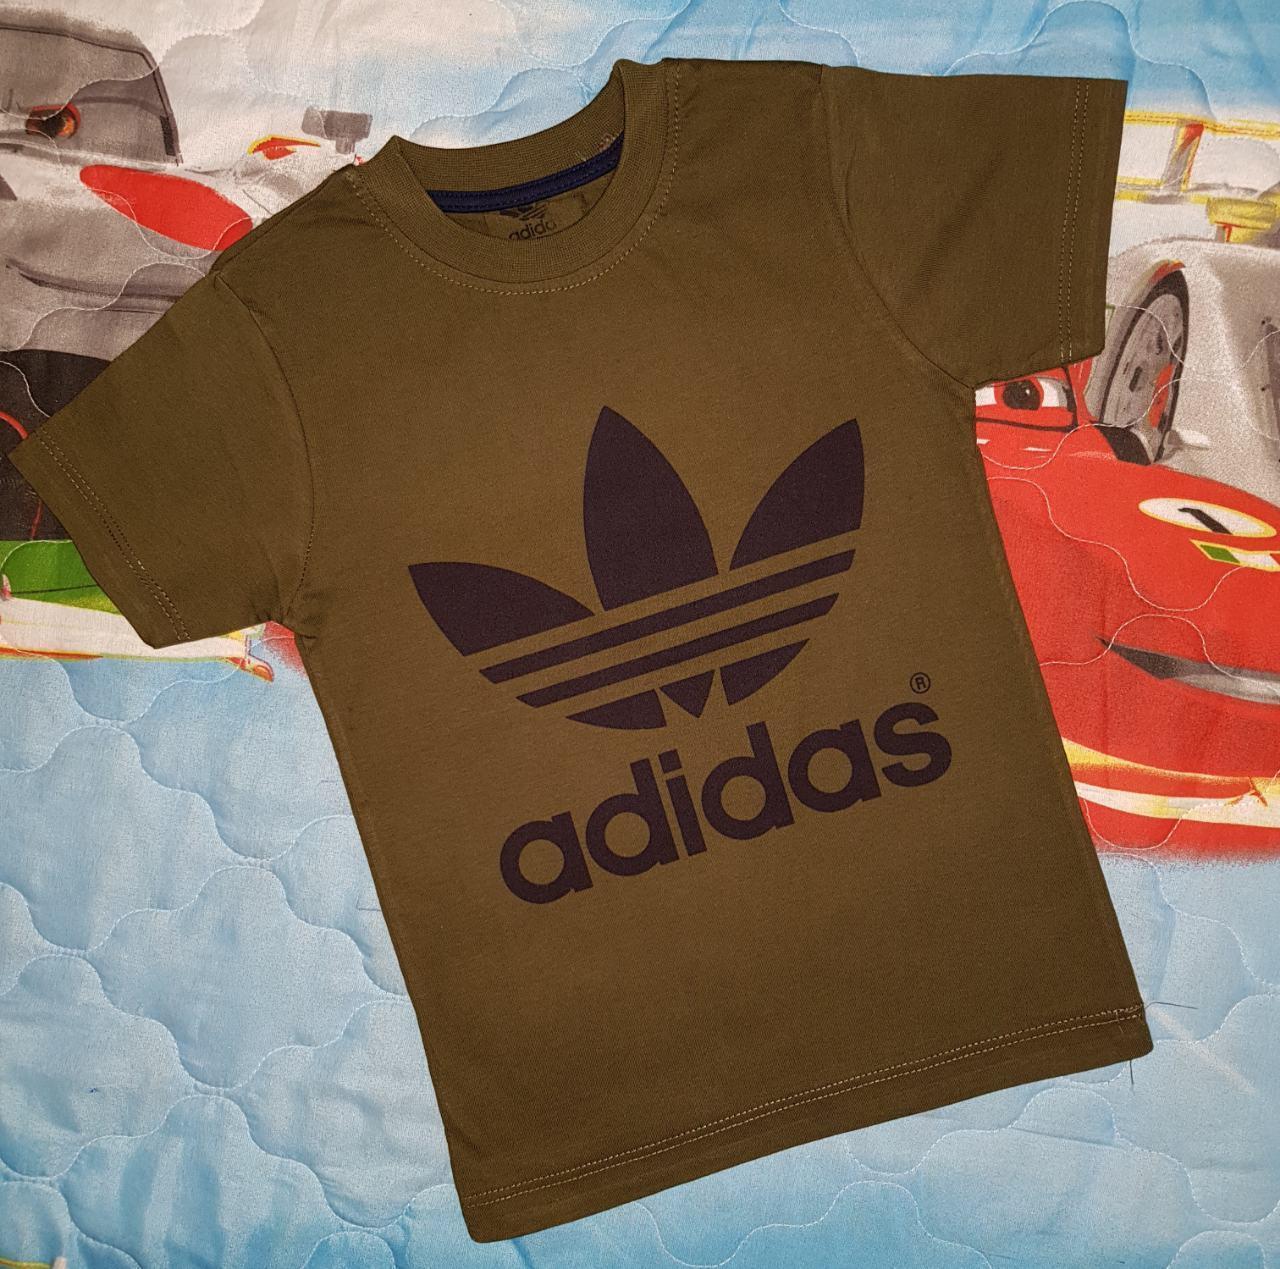 Футболка на мальчика 9-12 лет 100 % хлопок Adidas